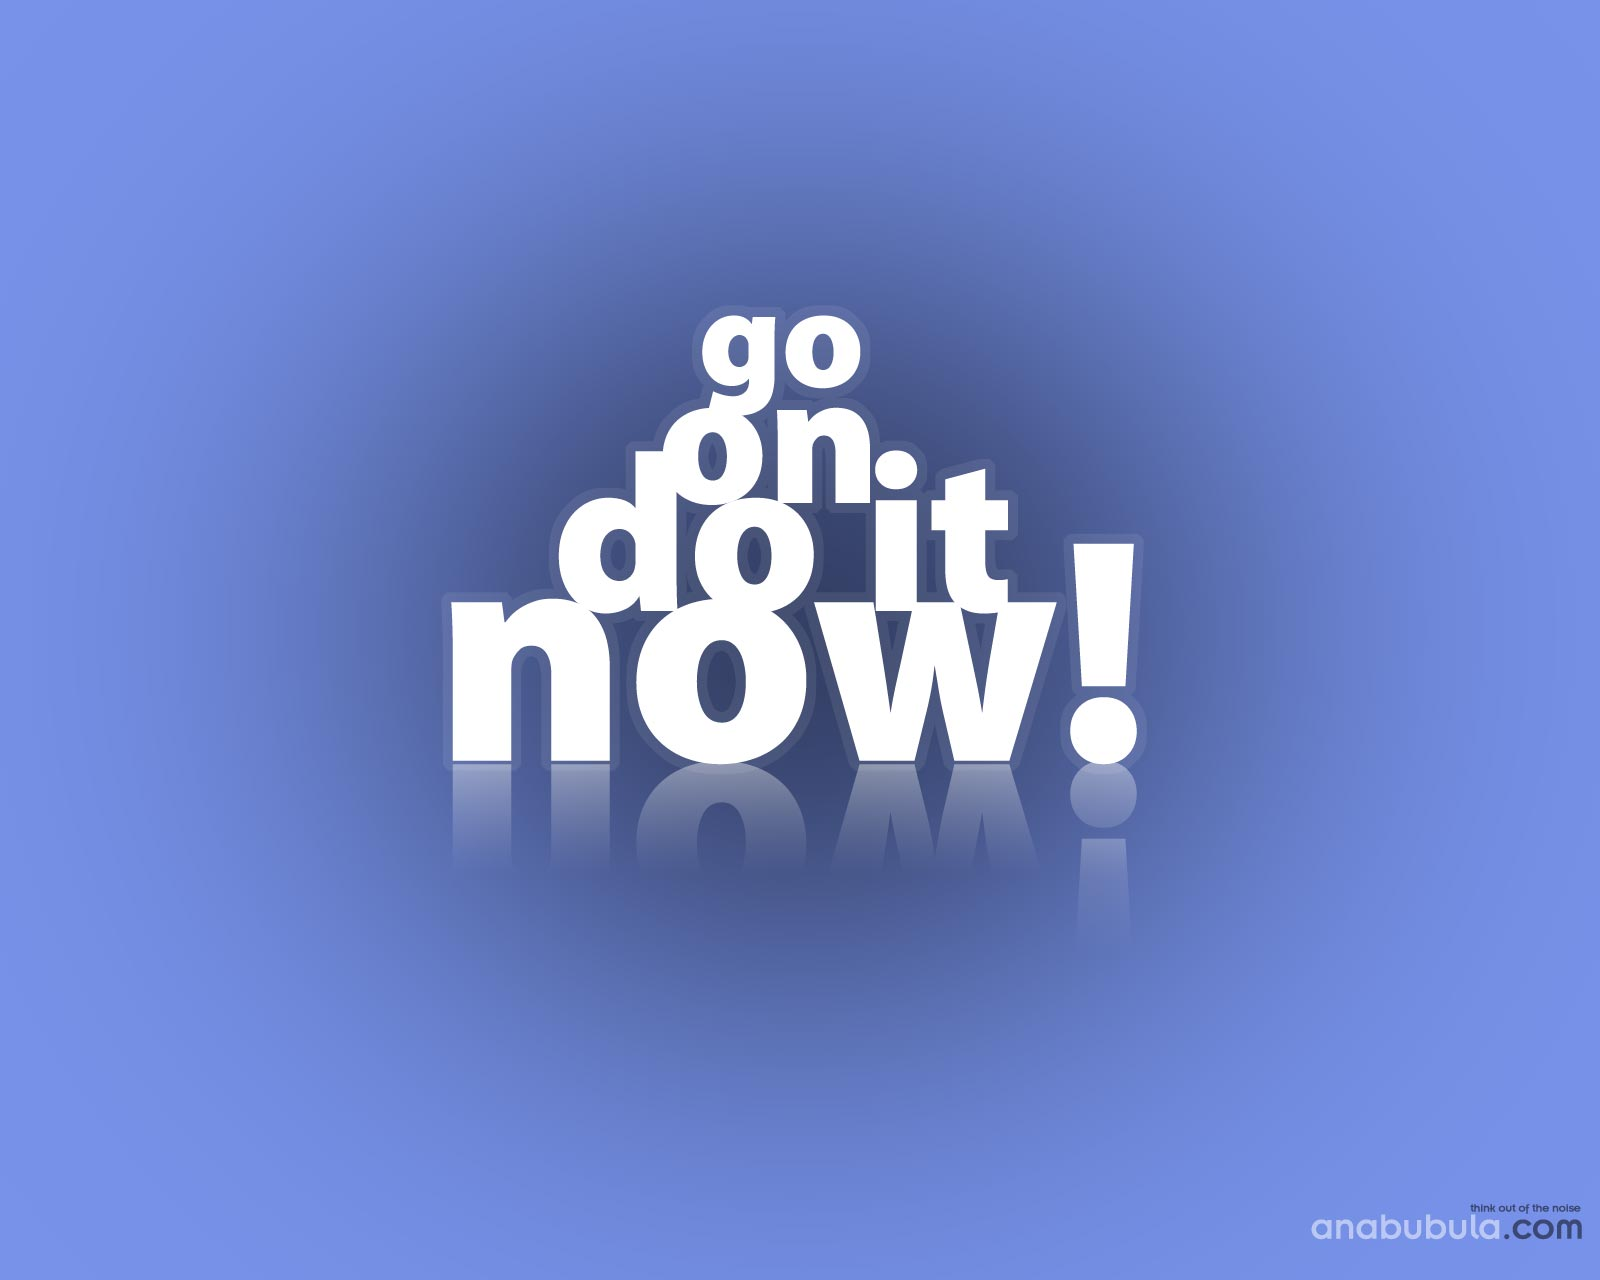 http://4.bp.blogspot.com/-kkPM_wsD-EE/TmSvotxHC0I/AAAAAAAAAXc/XgGW2C2XPoI/s1600/Work-Motivational-Wallpapers.jpg